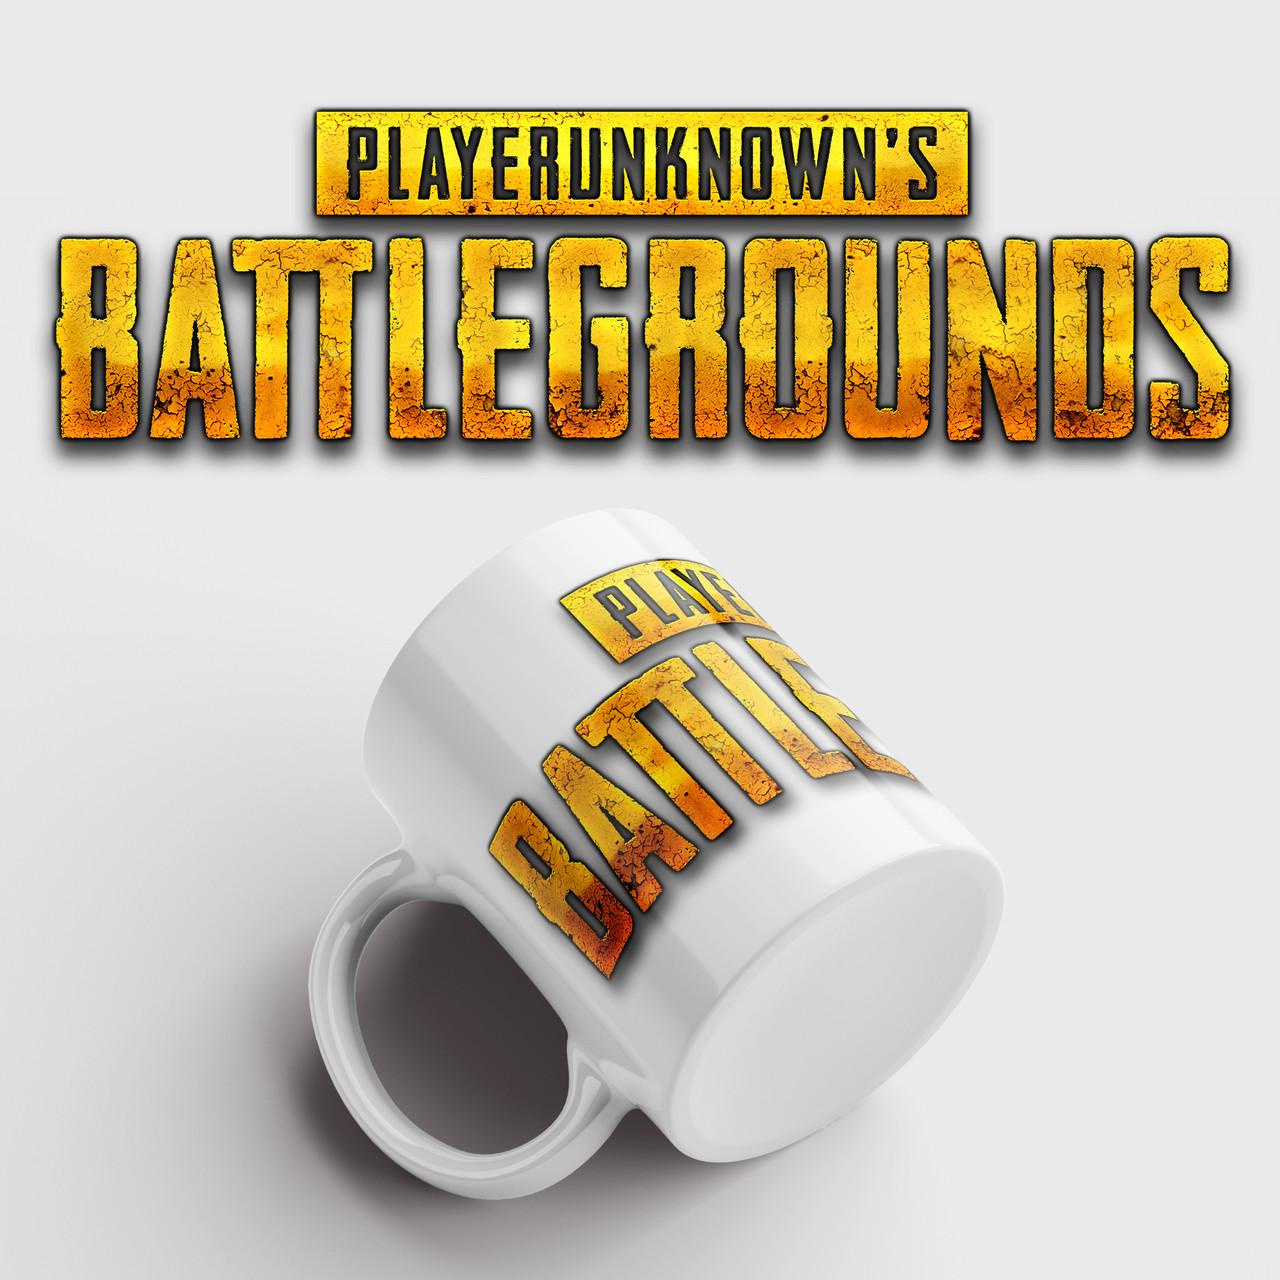 Кружка с принтом PUBG. PlayerUnknown's Battlegrounds. Чашка с фото